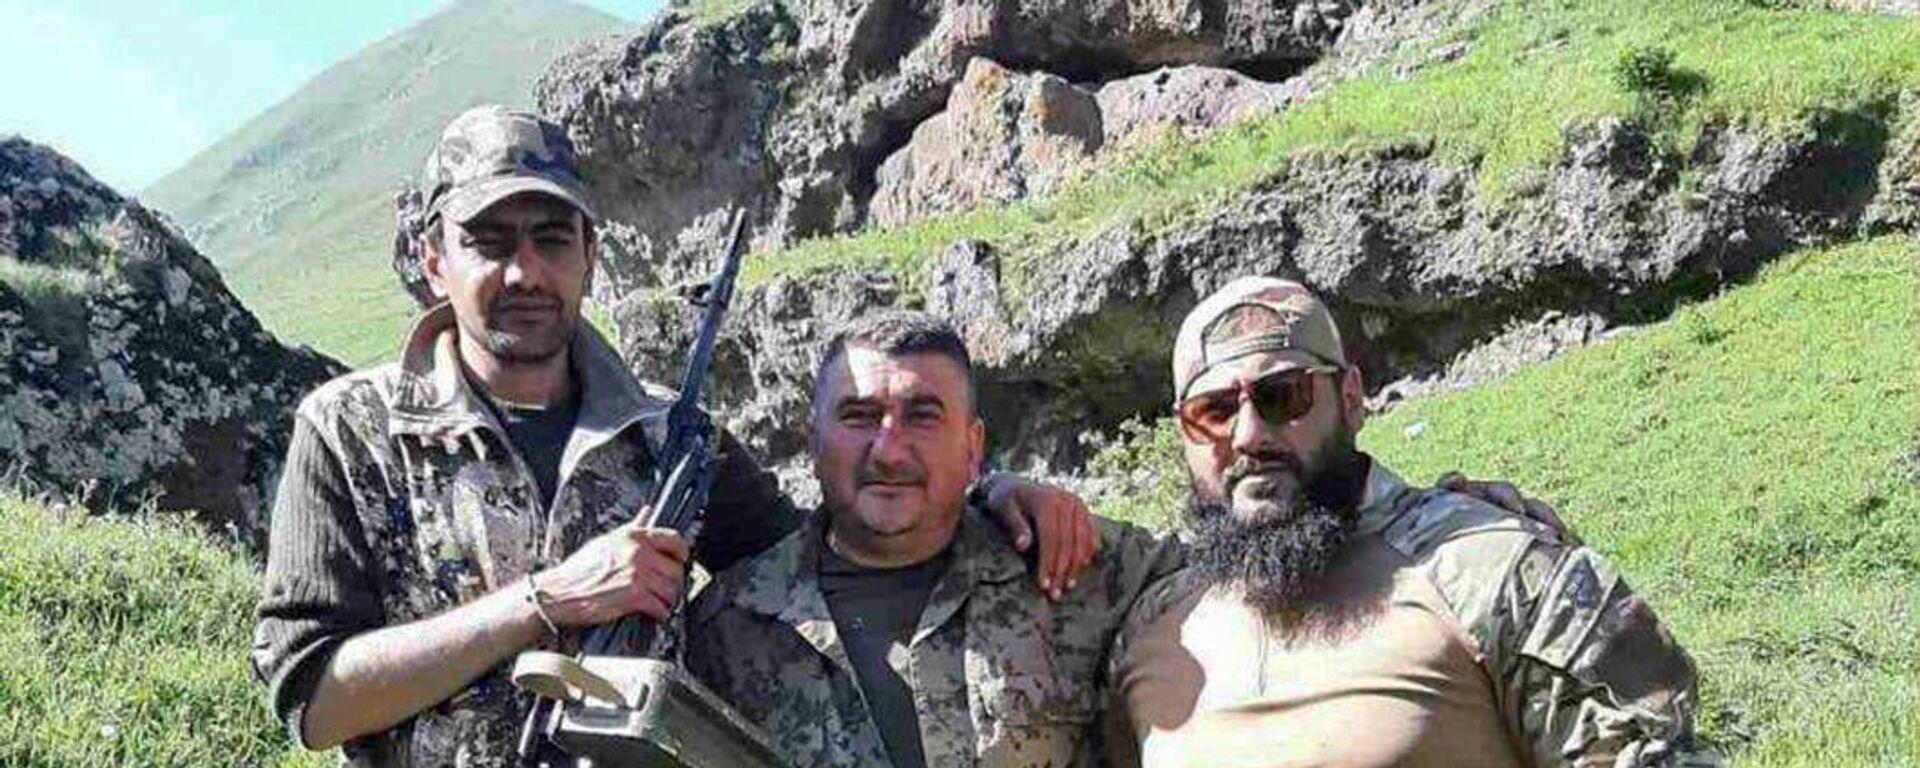 Առուշ Առուշանյանը (ձախից առաջինը) մարտական ընկերների հետ - Sputnik Արմենիա, 1920, 12.10.2021